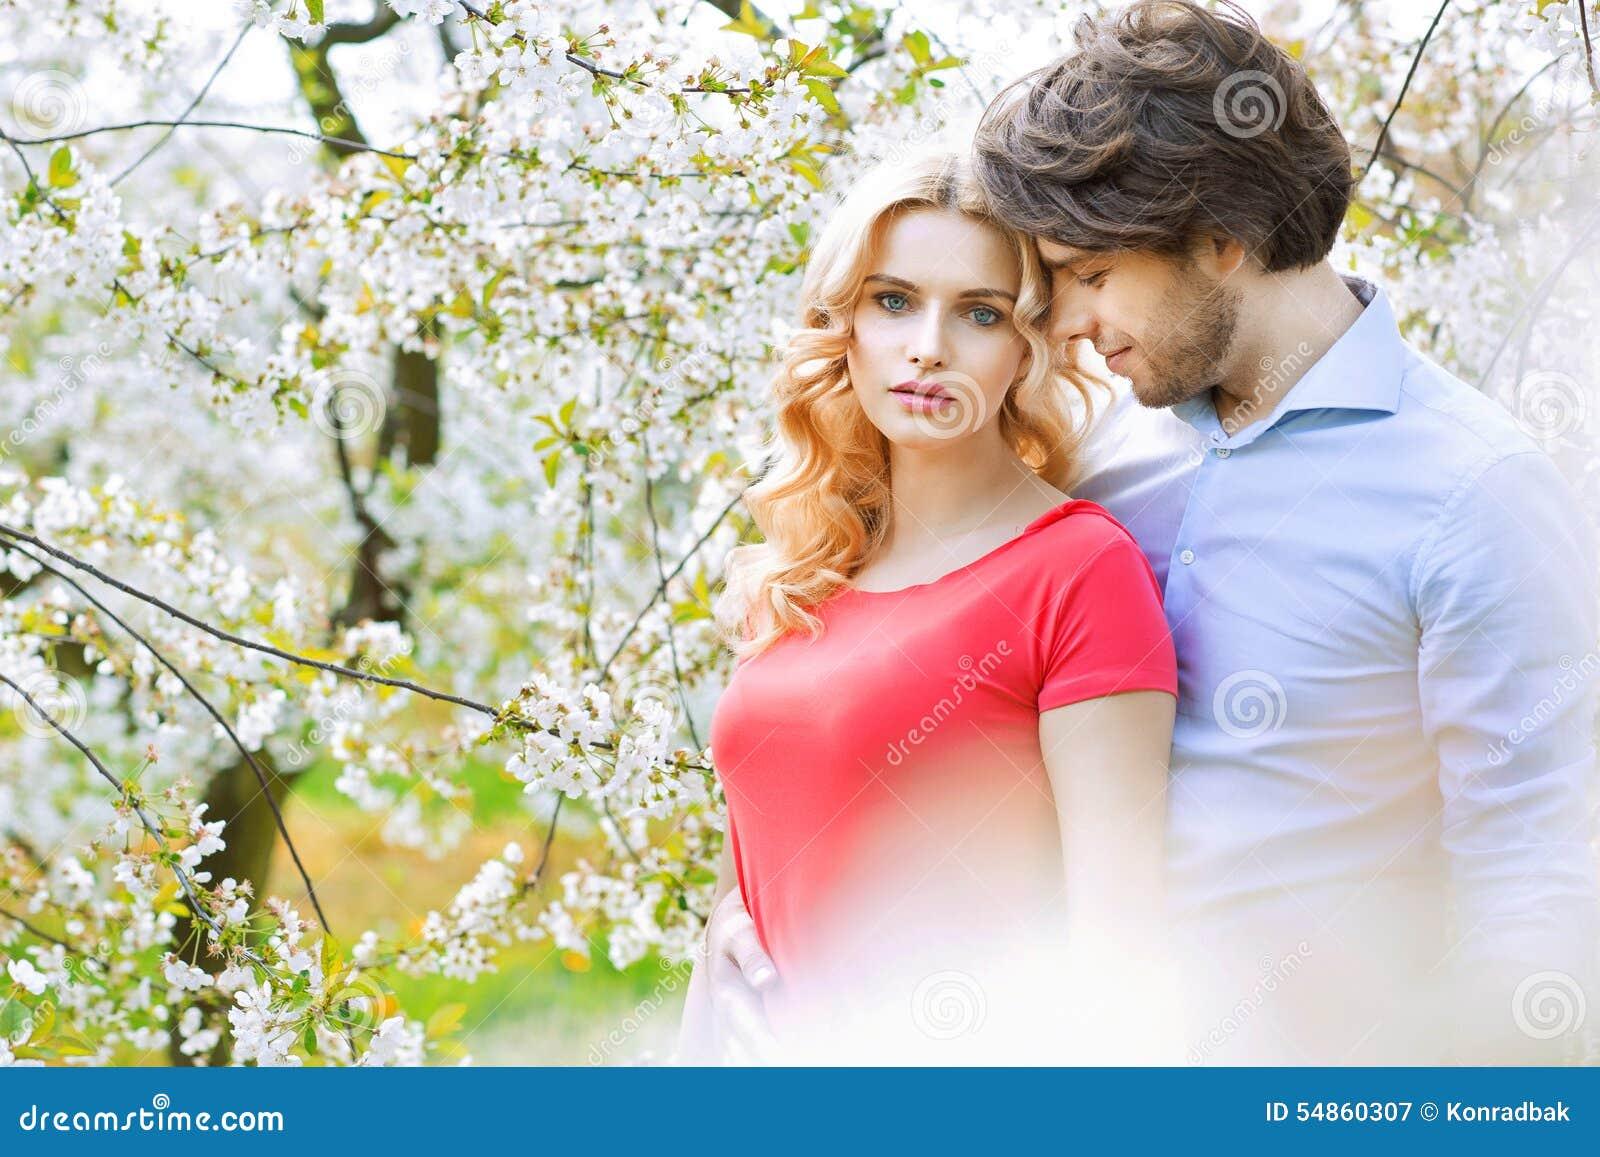 已婚夫妇消费业余时间在果树园